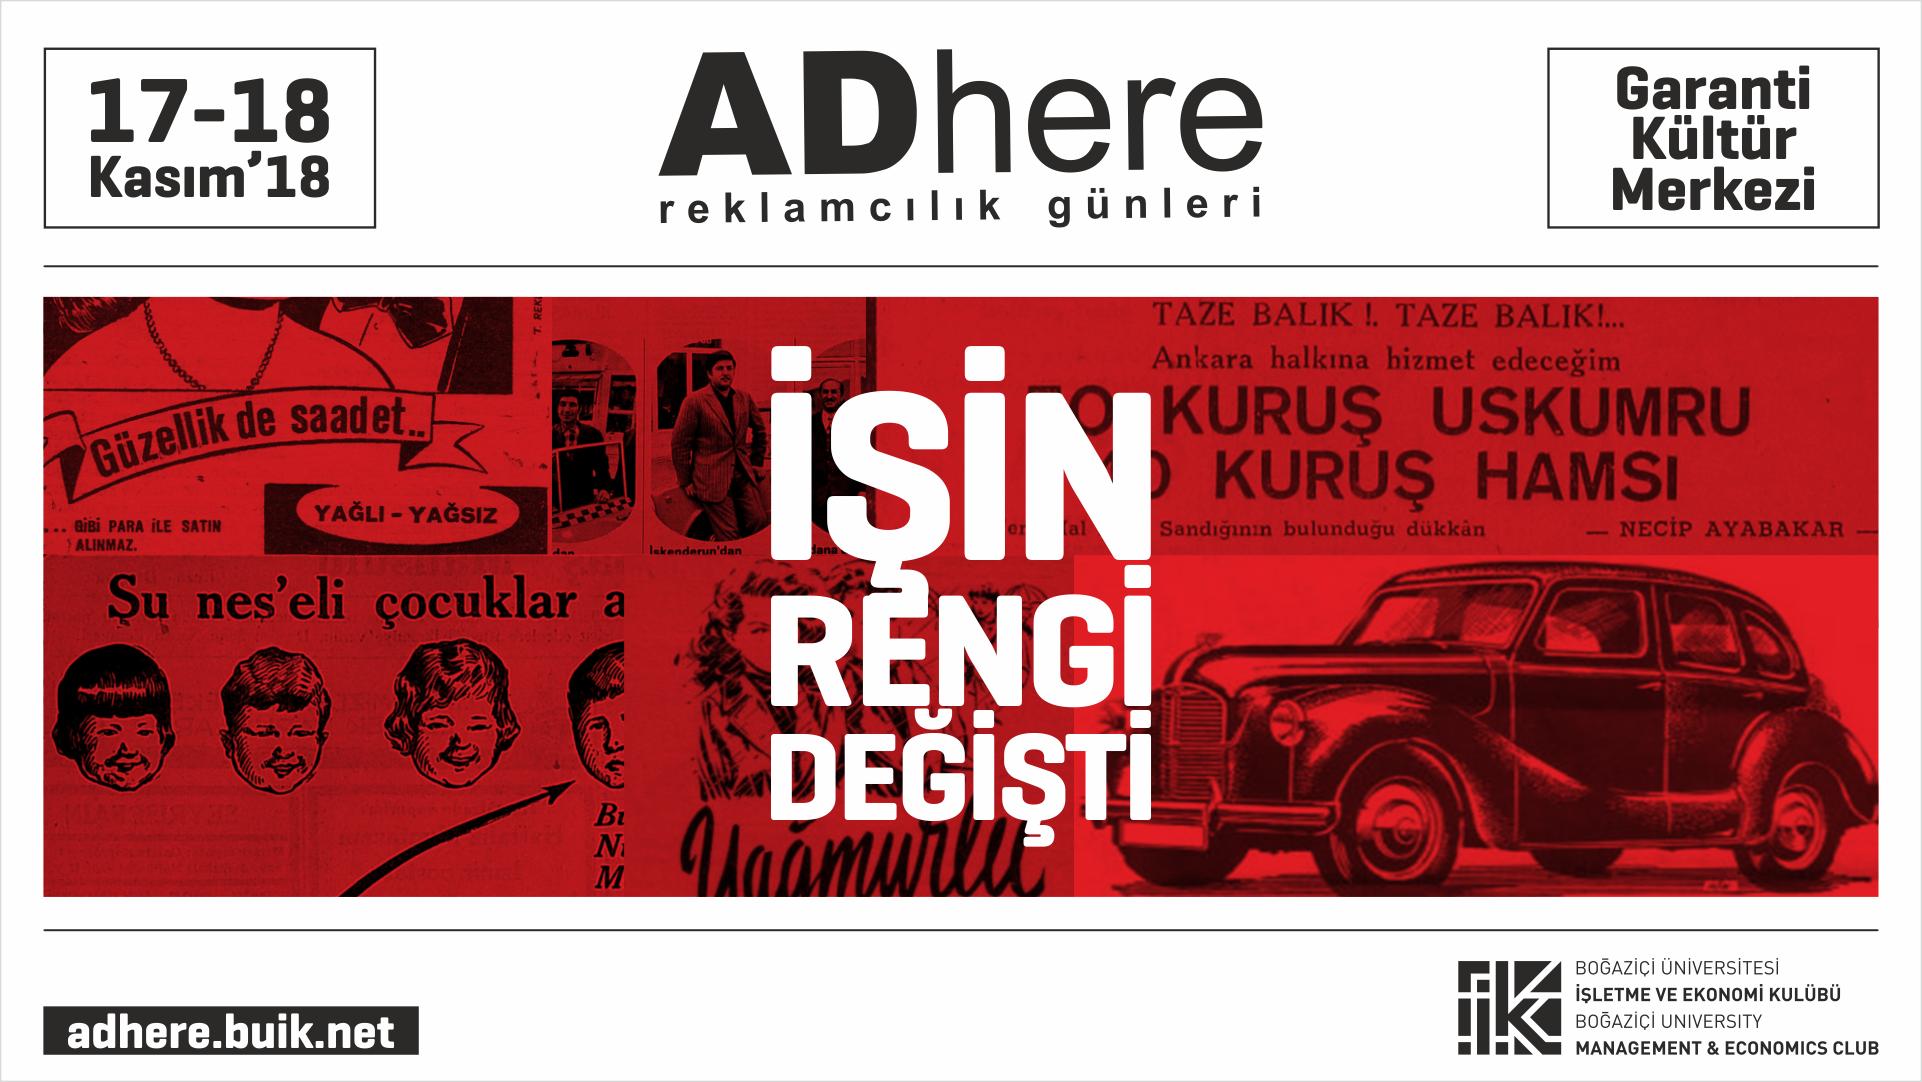 ADhere Reklamcılık Günleri Başlıyor